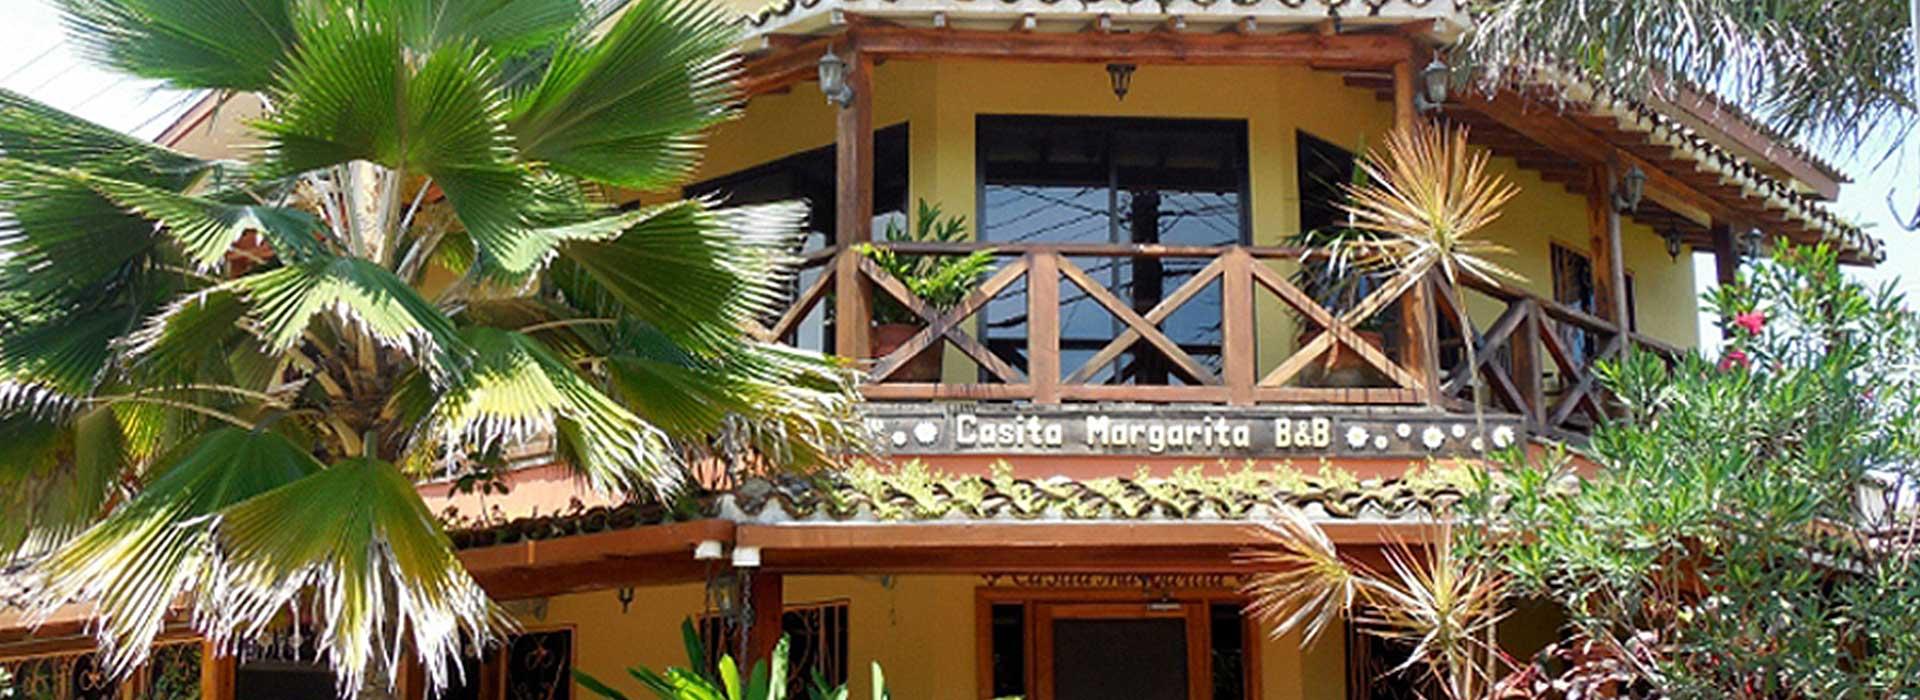 Casita Margarita Boutique Hotel